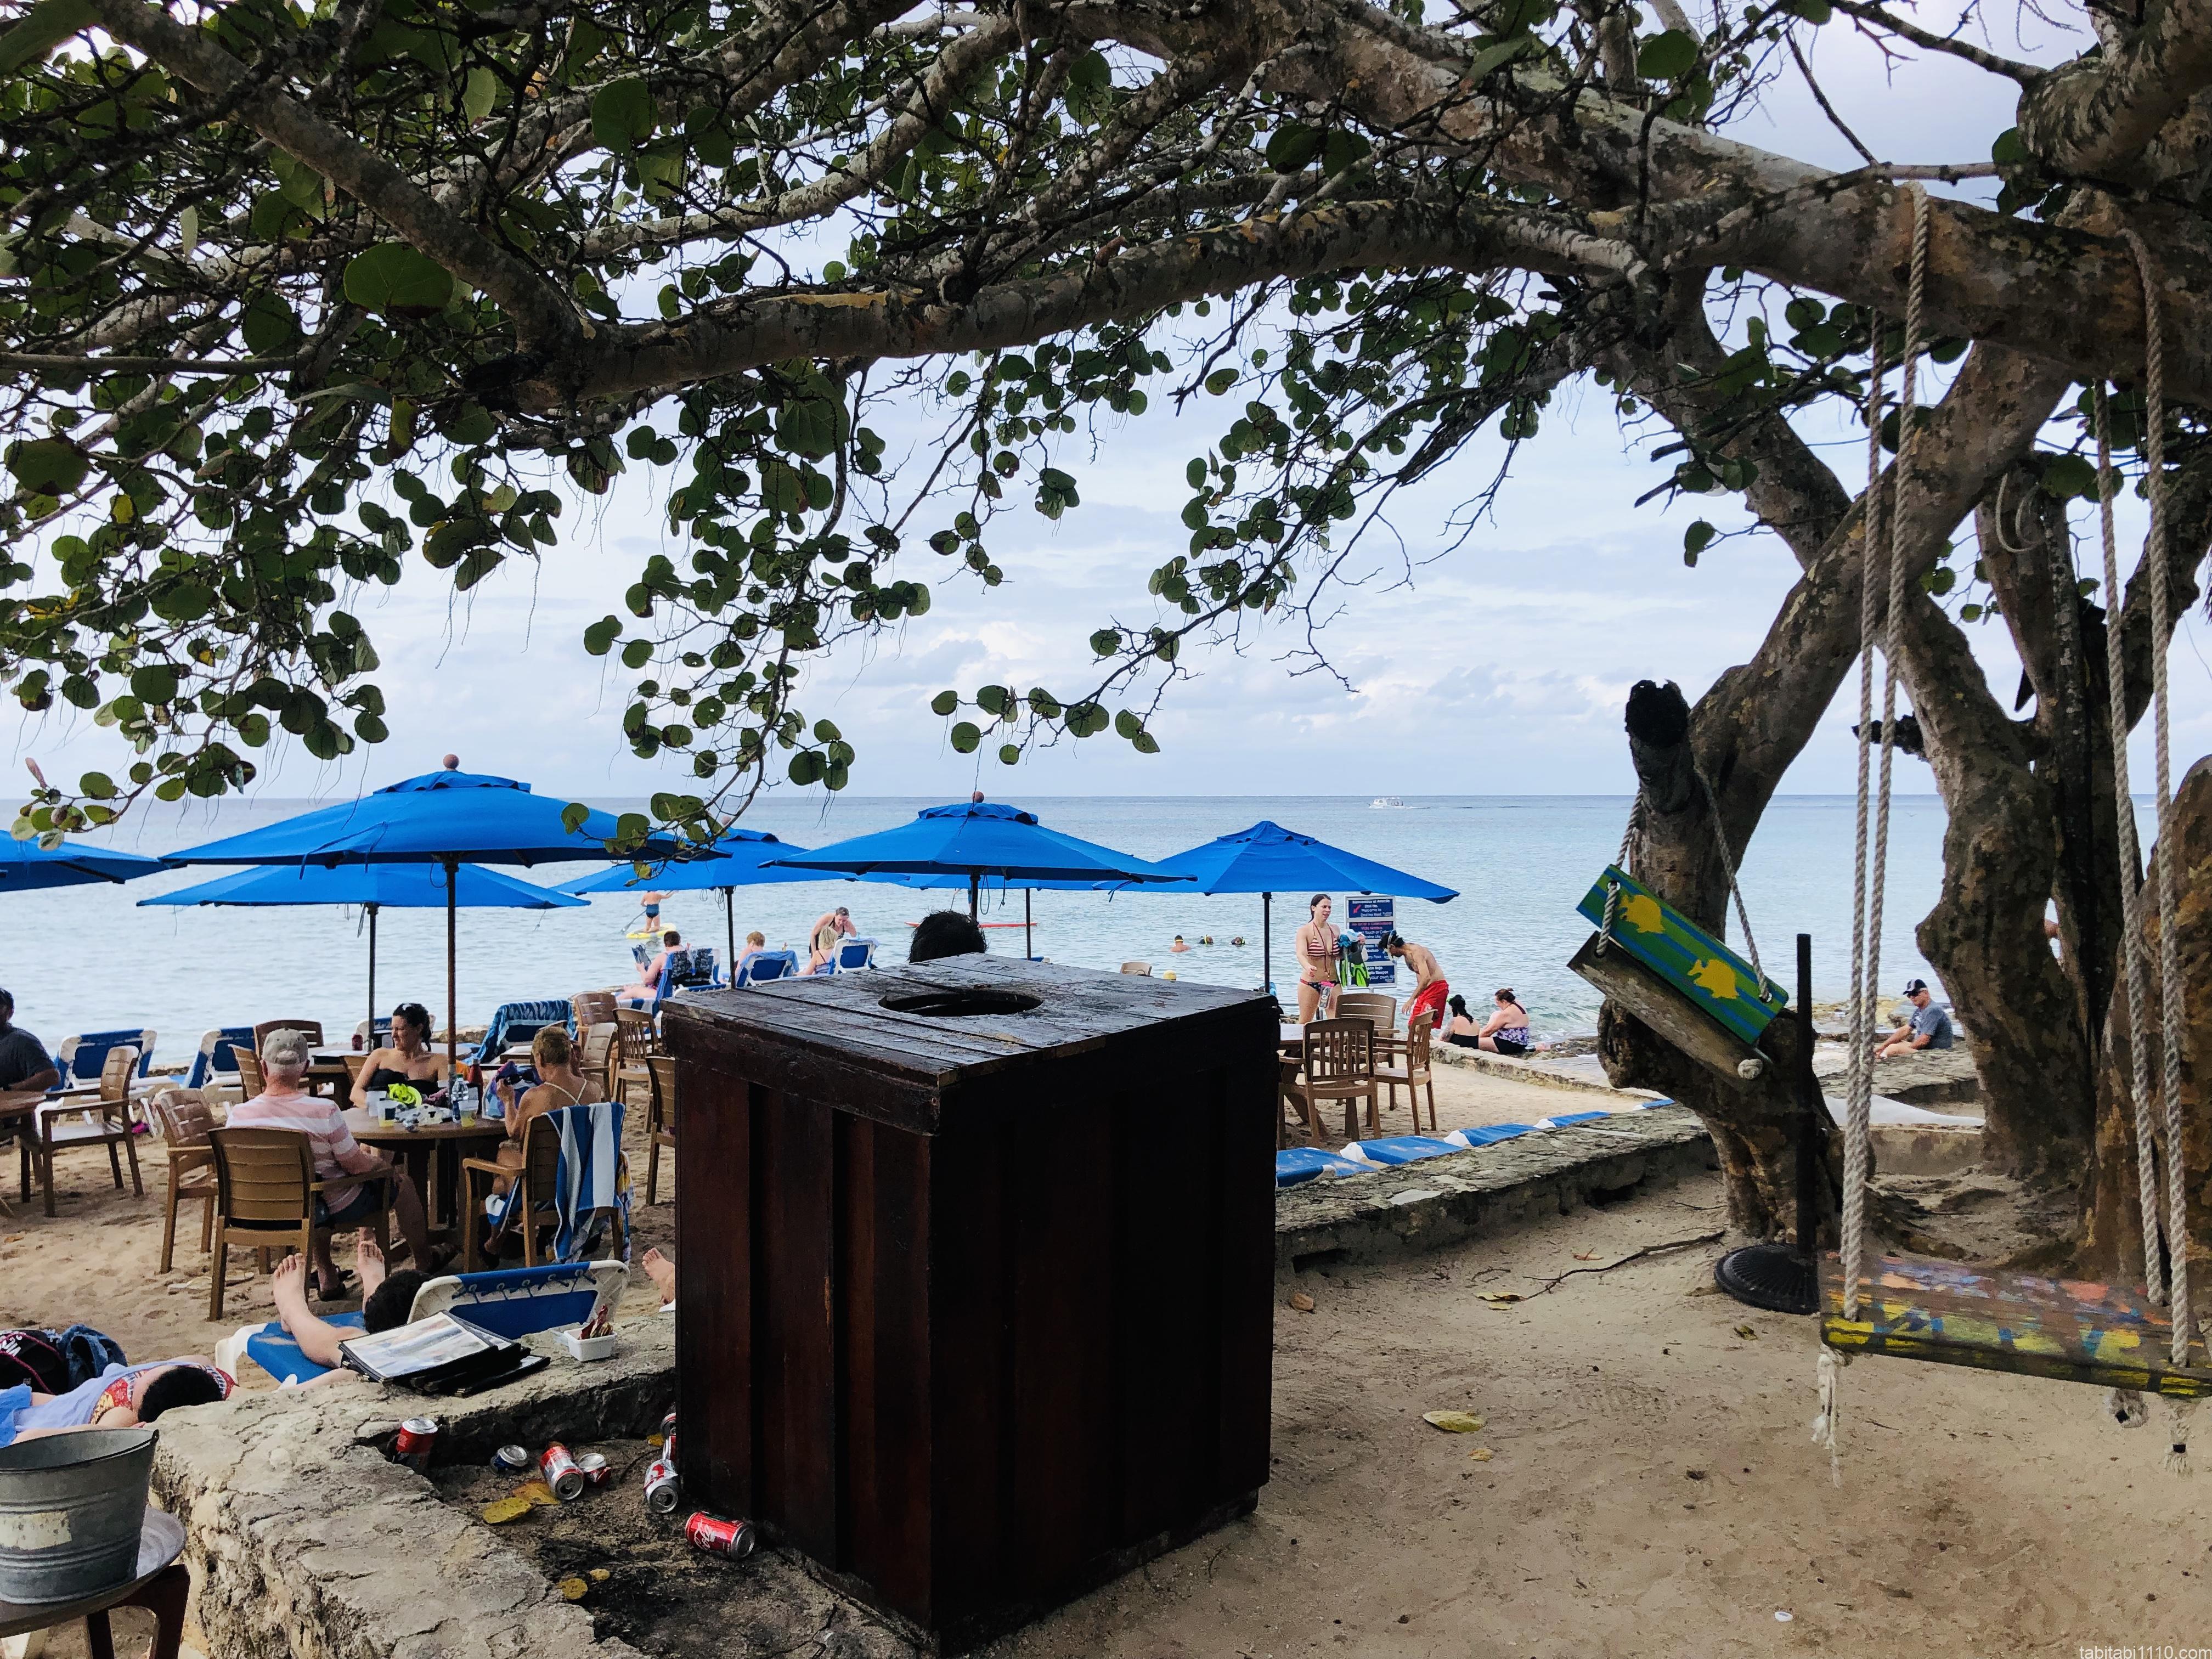 The Money Bar Beach Club